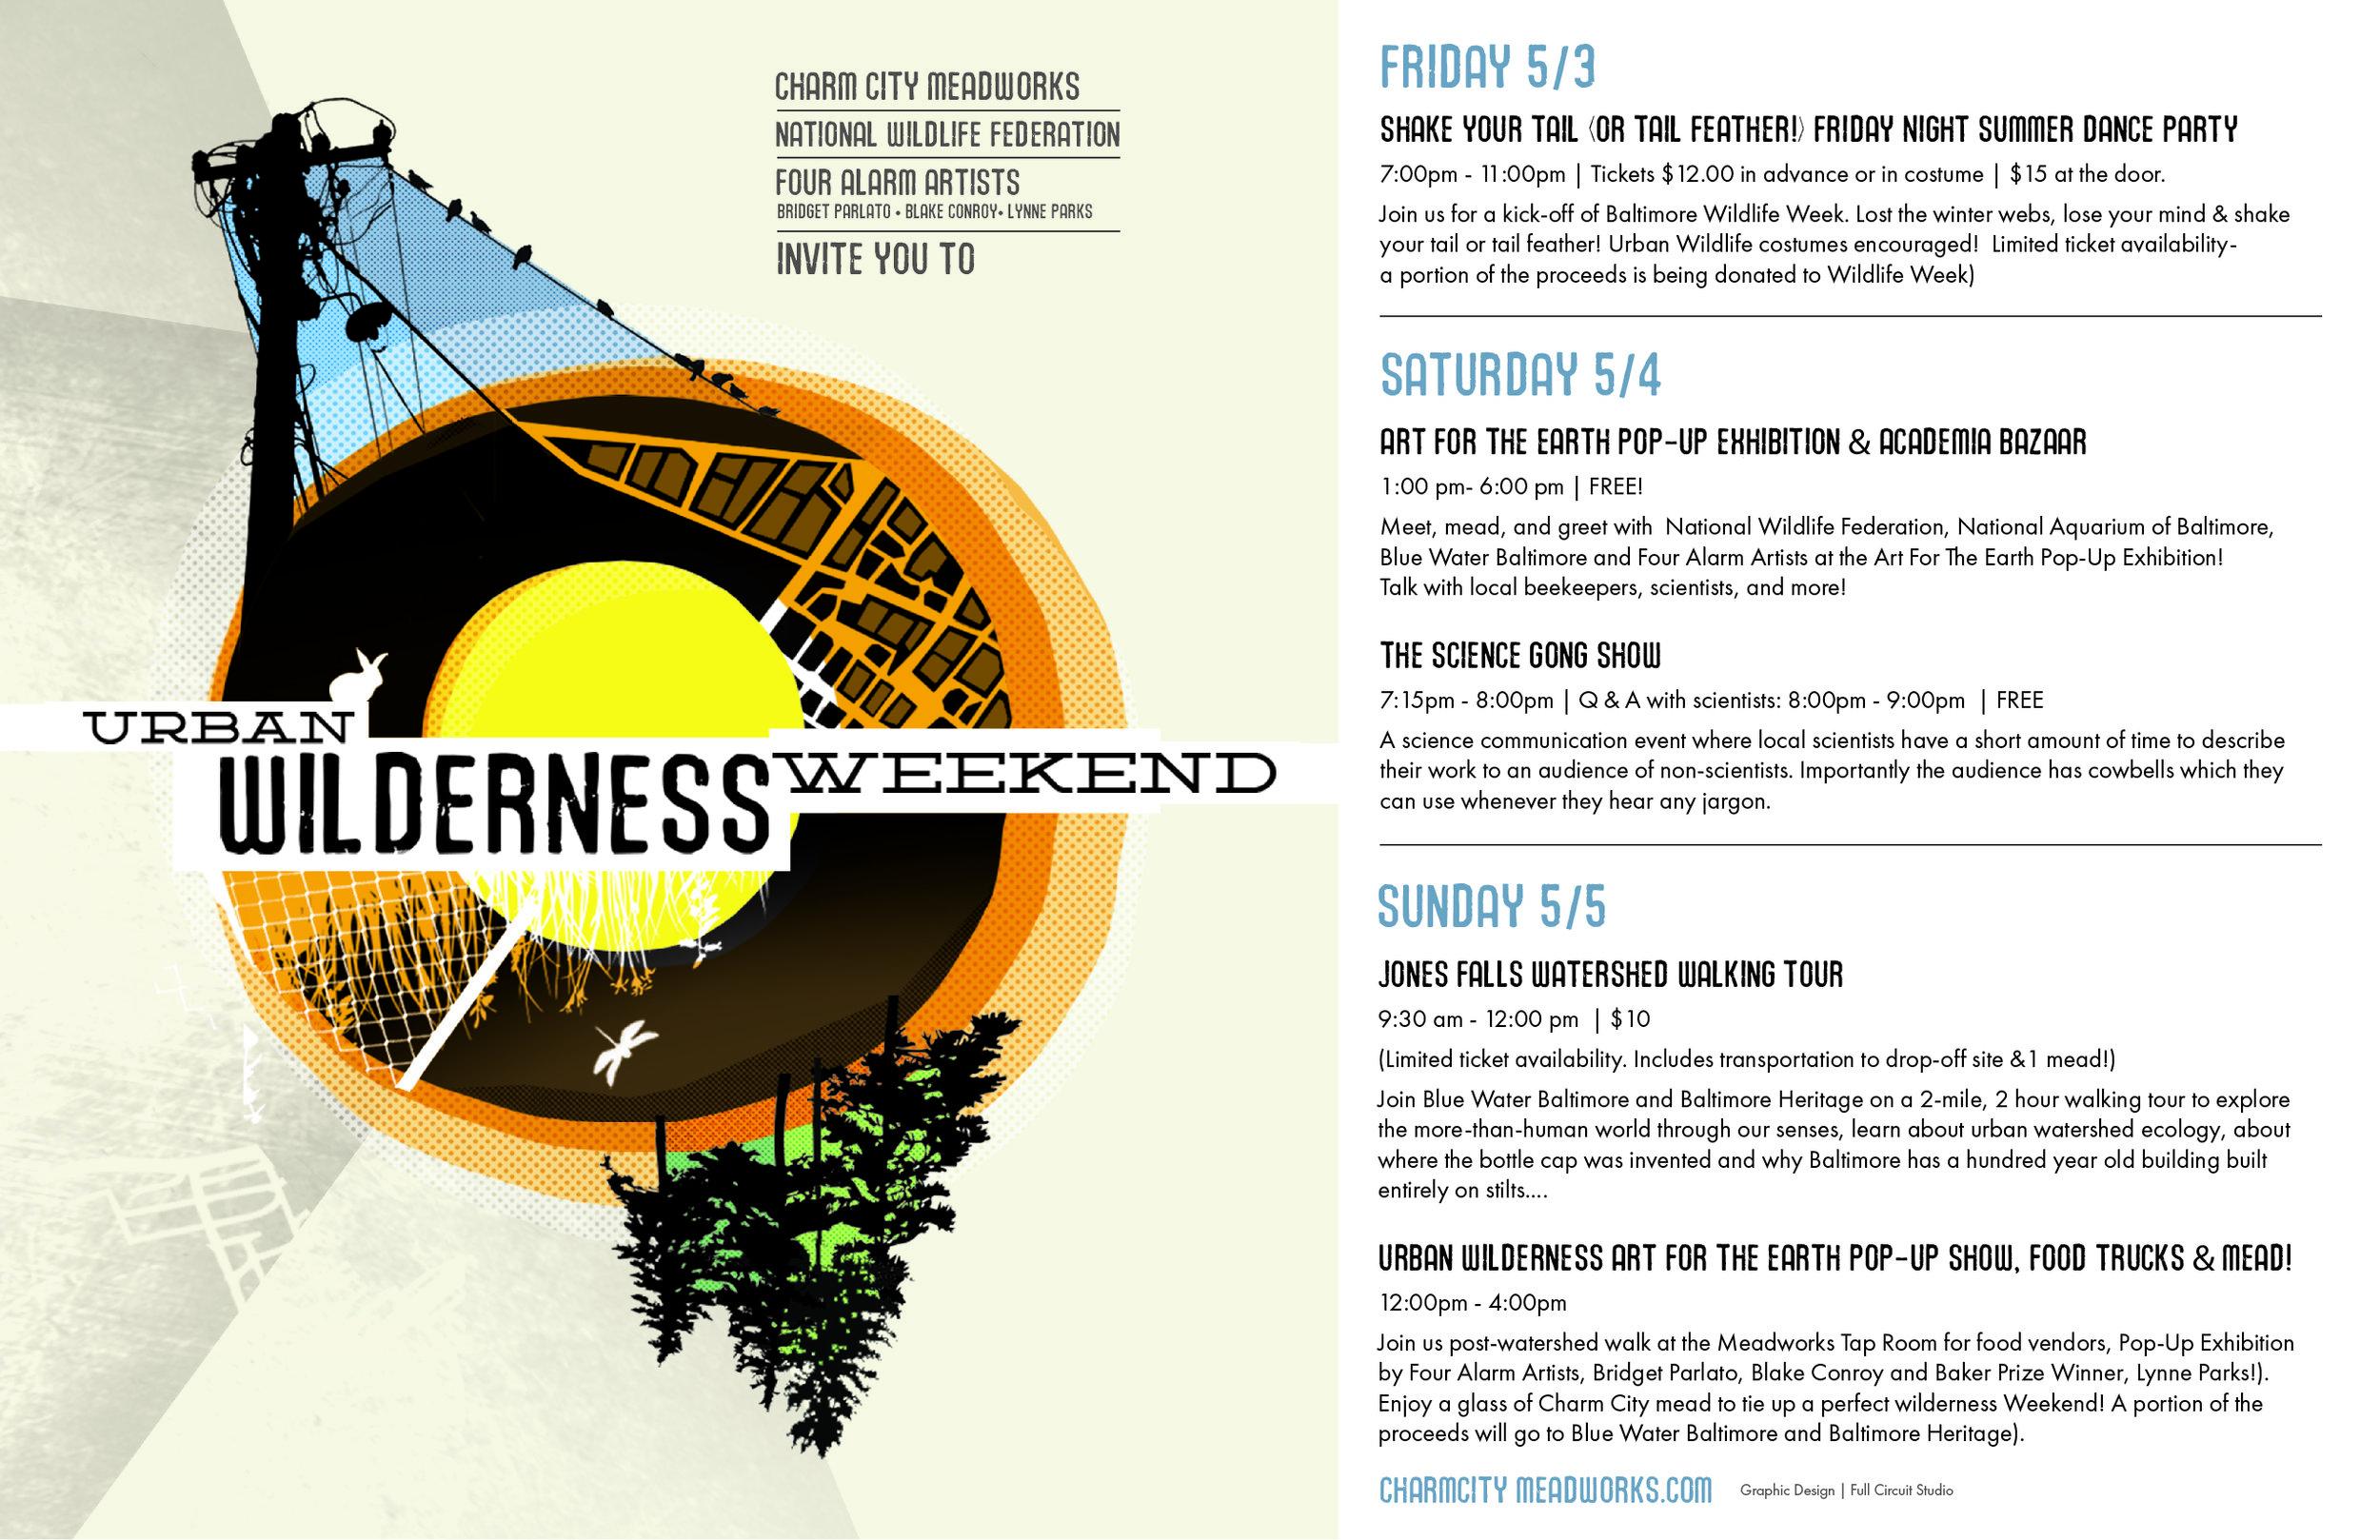 Urban Wilderness Weekend